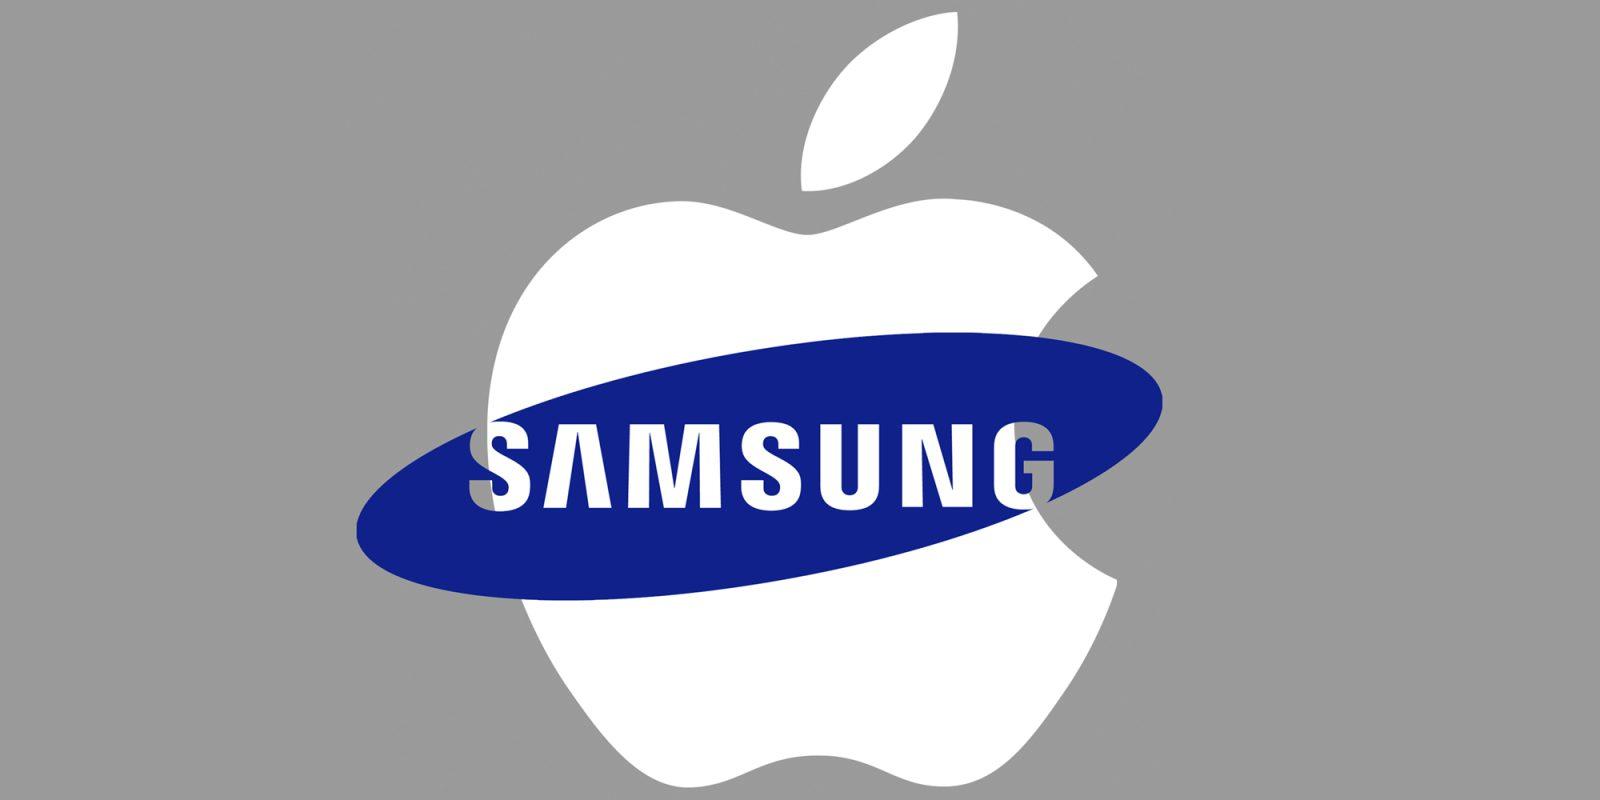 Samsung заработает на iPhone больше, чем на своих смартфонах